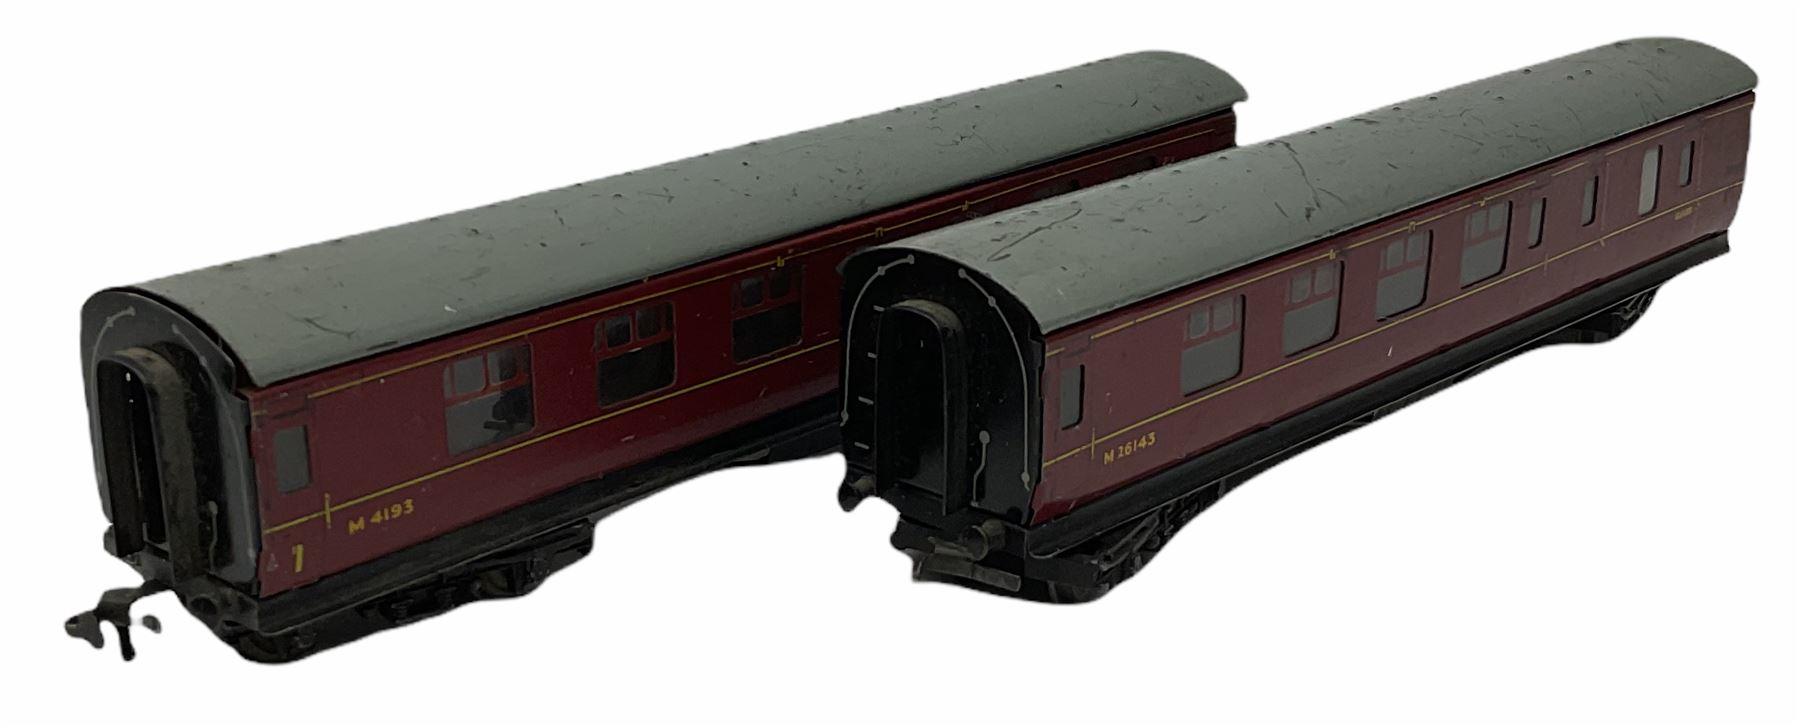 Hornby '00' gauge - Class A4 4-6-2 locomotive 'Mallard' No.60022; Class A1/A3 4-6-2 locomotive 'Flyi - Image 8 of 11